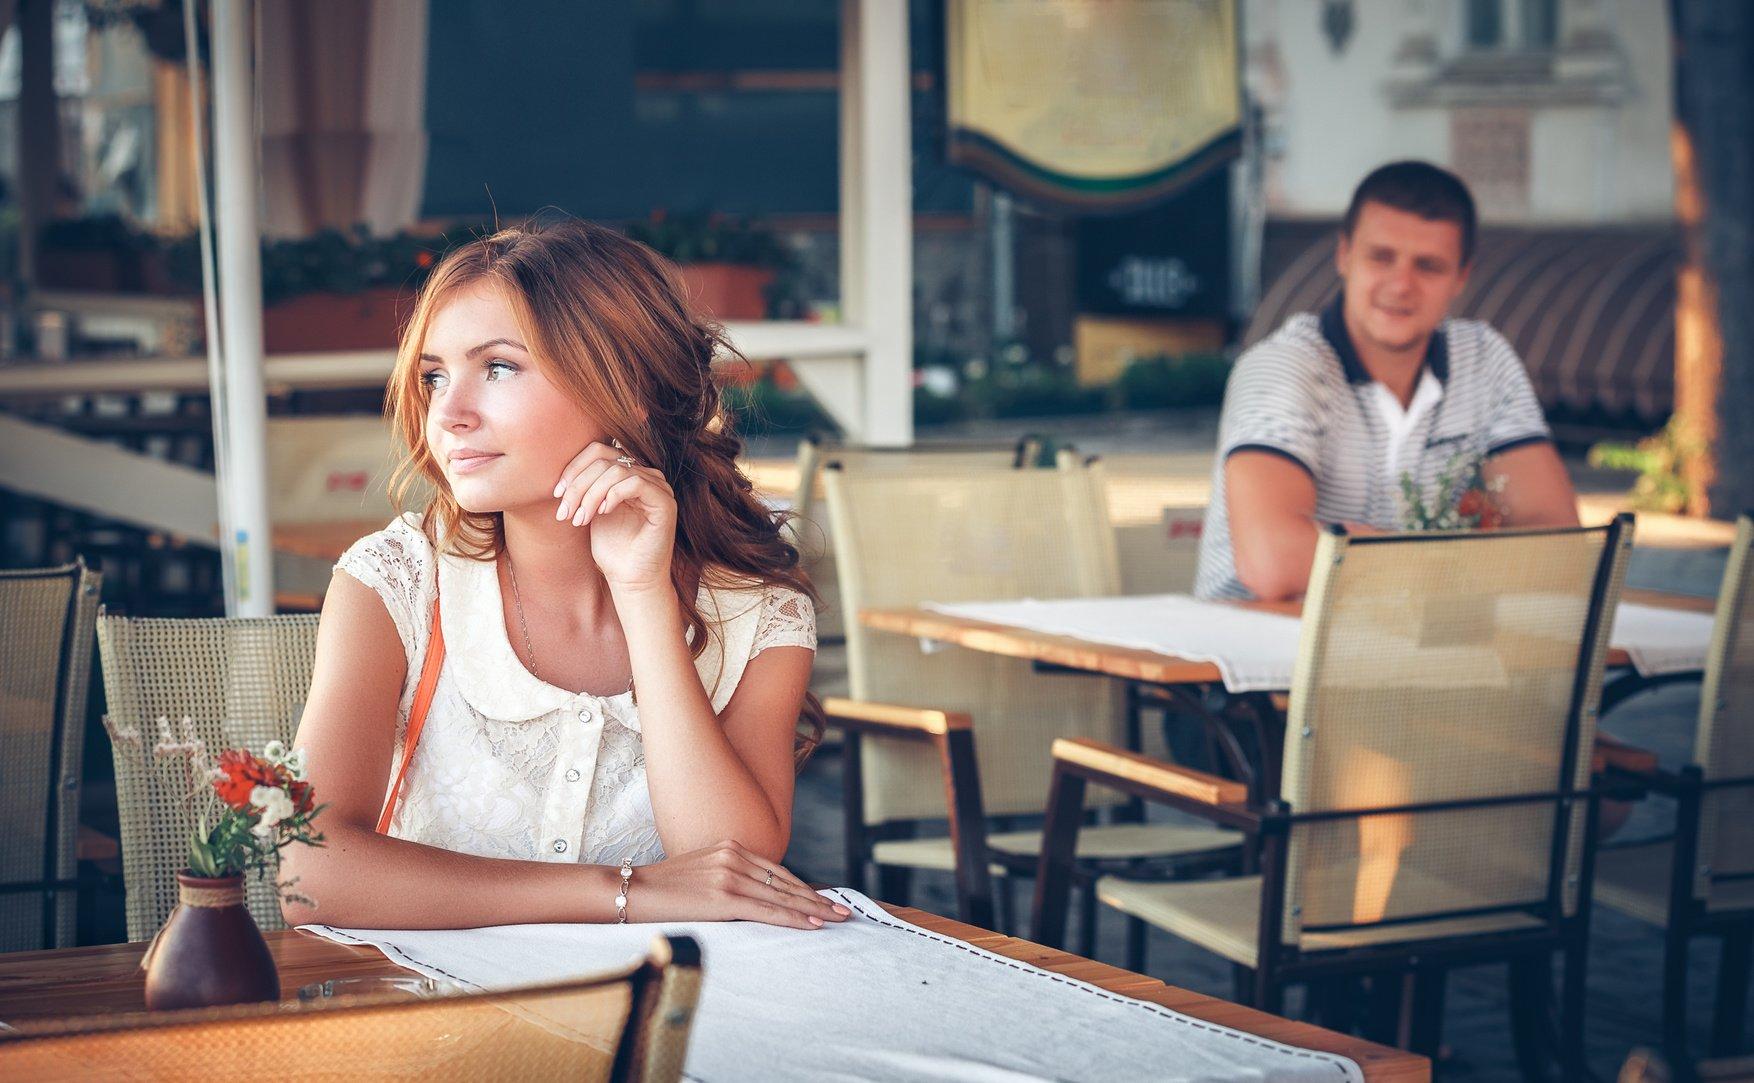 Работа для девушек в кафе кастинги в рекламу москва